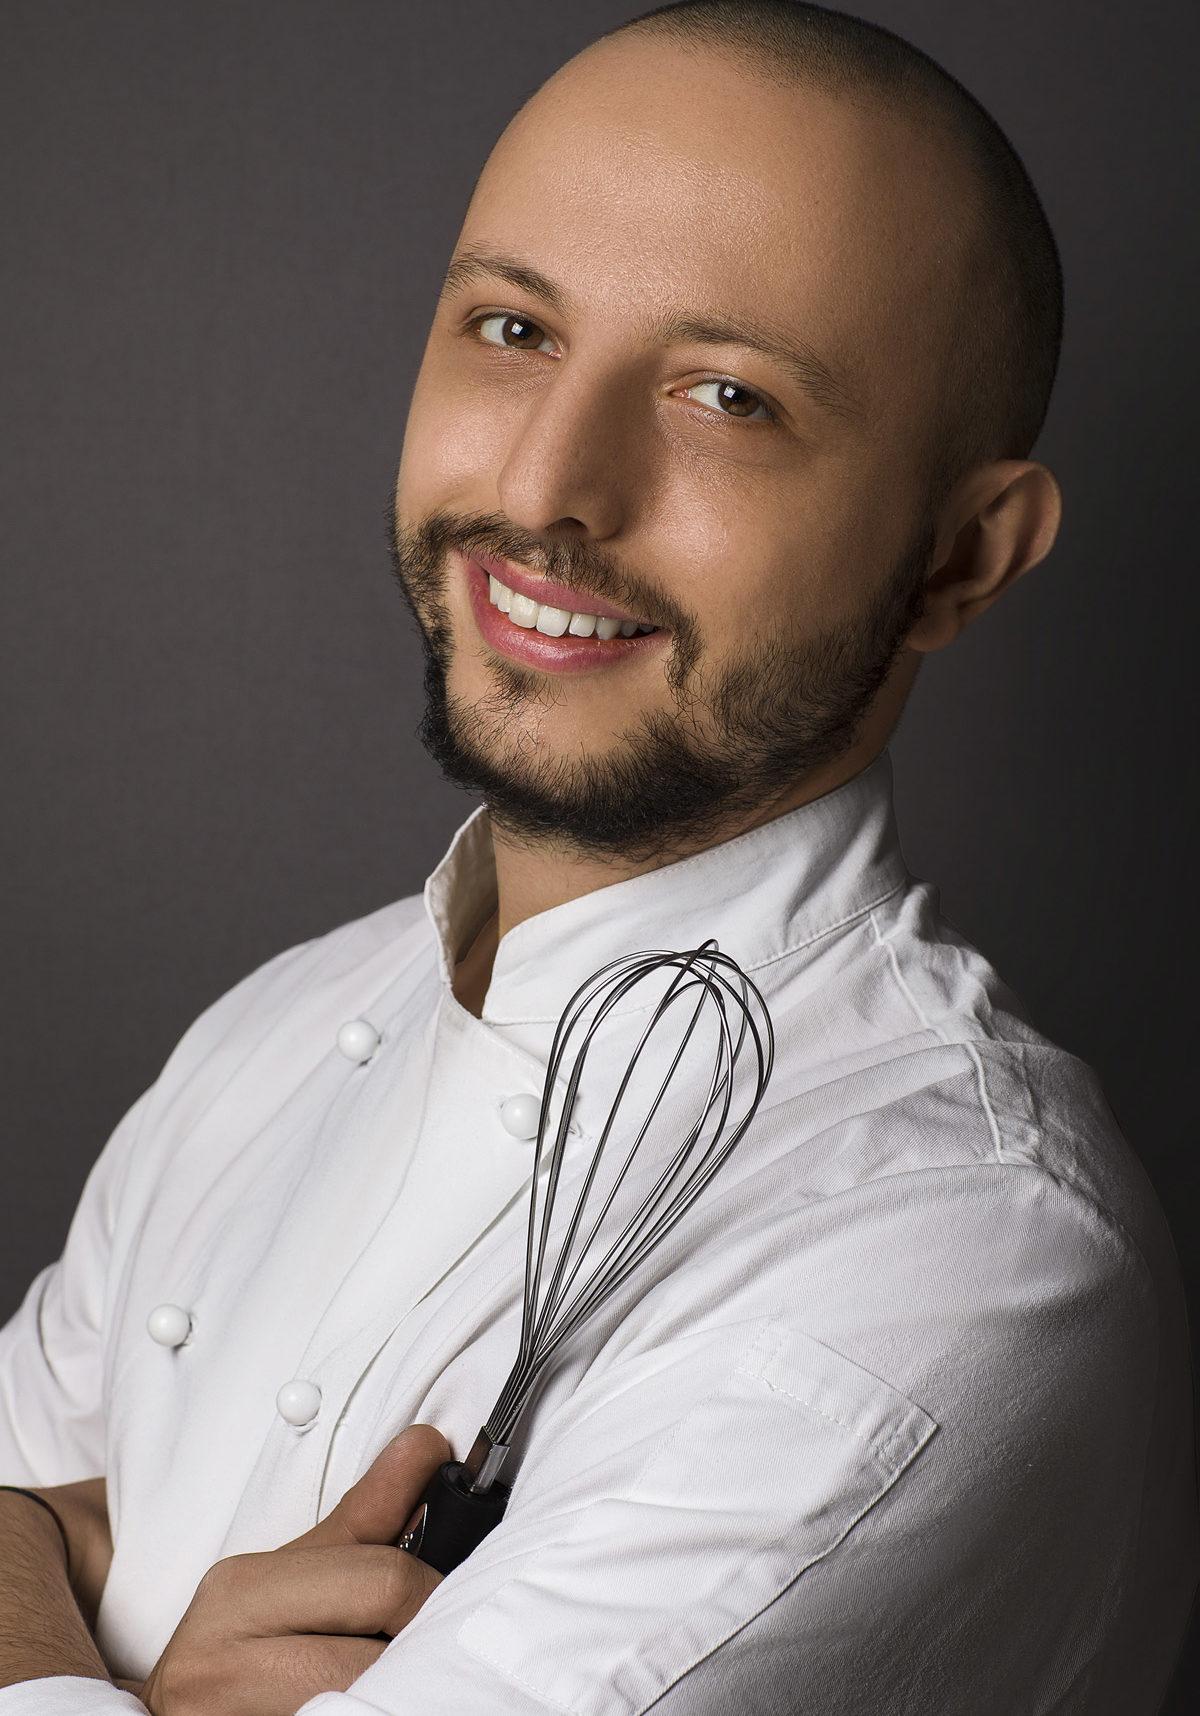 Ritratto Professionale di ucuoco chef - Fotografia - Foto Aziendale - Omar Viara Fotografo a Torino